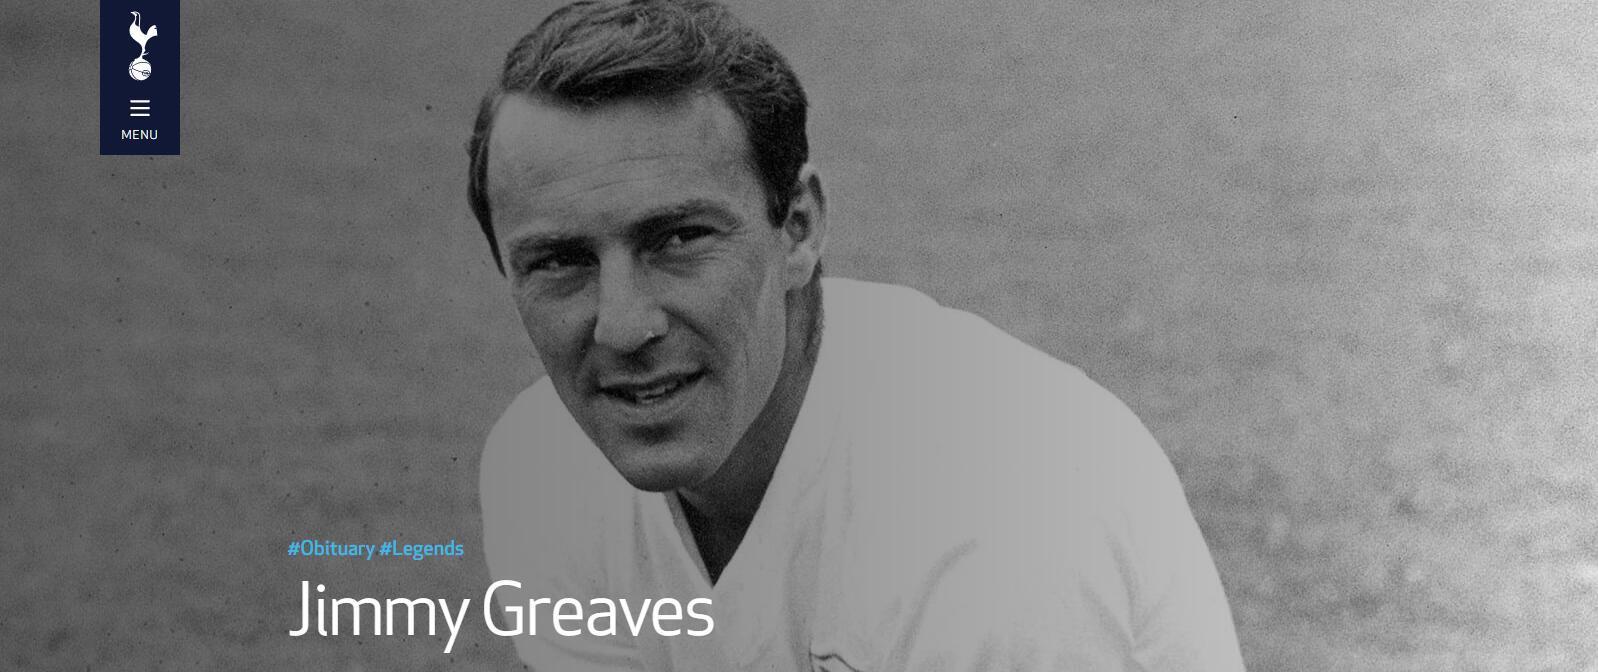 英格兰传奇射手吉米-格里夫斯去世